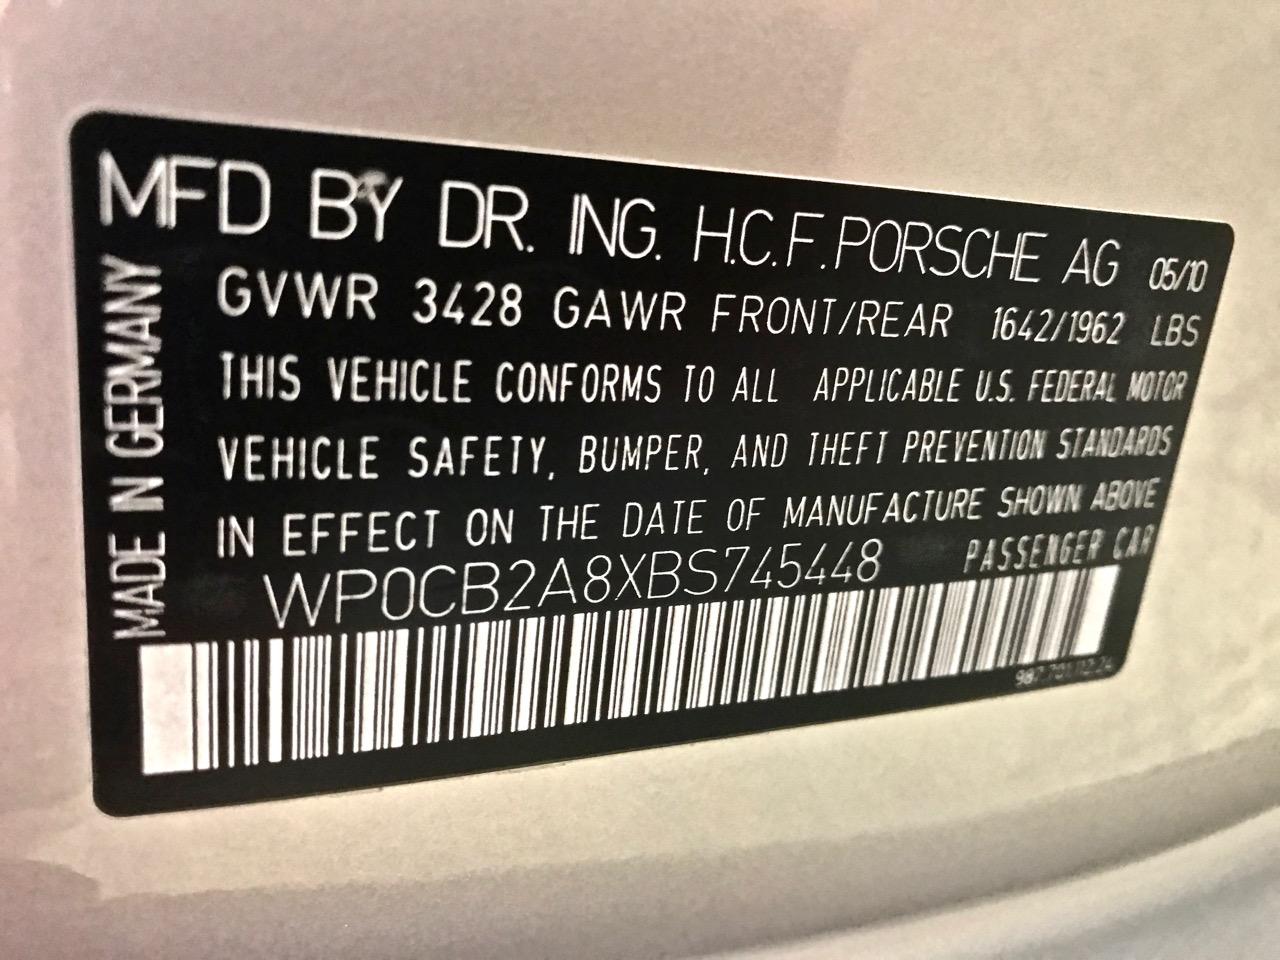 2011 Porsche Boxster Spyder (BS745448) - 25.jpg